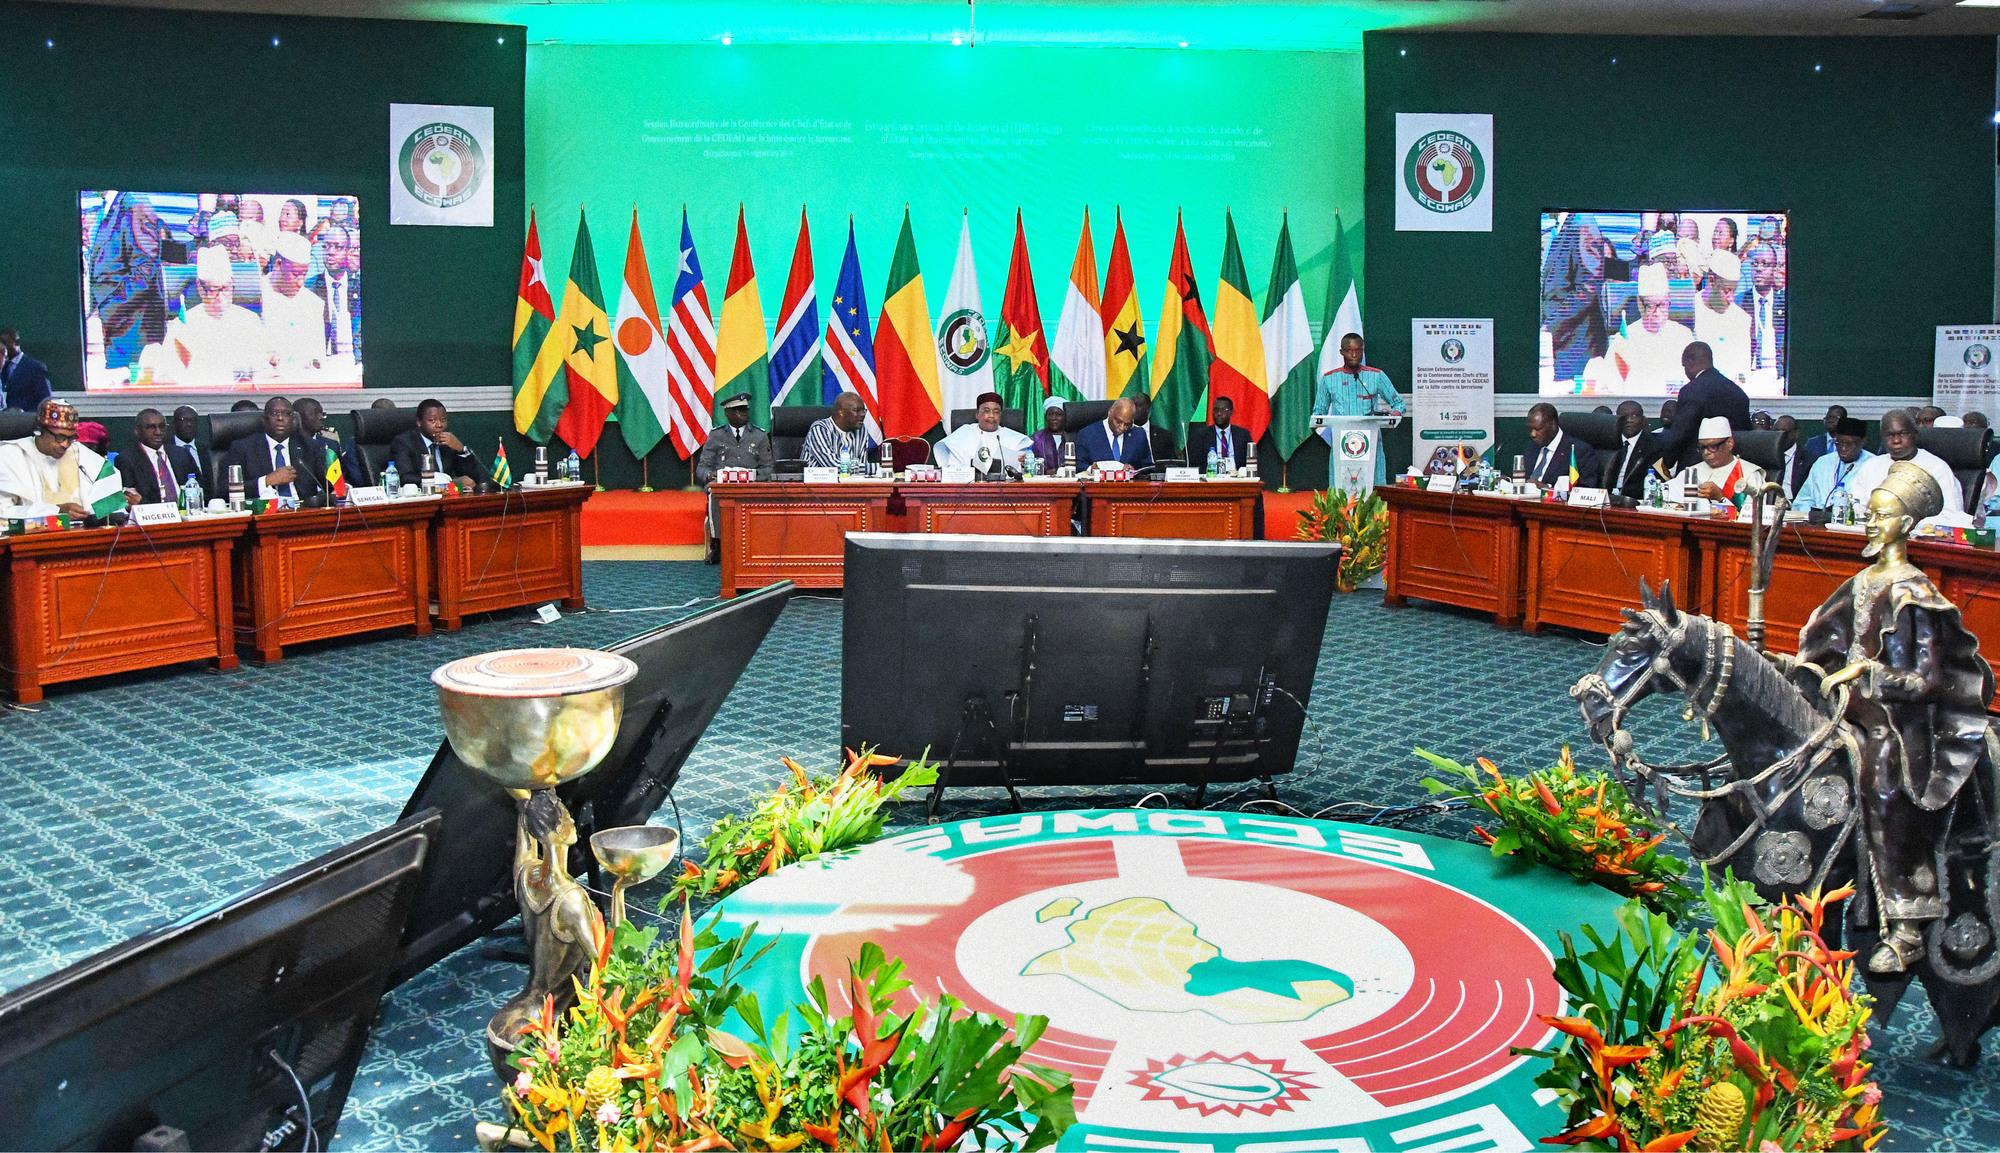 Le 14septembre, les quinze membres de la Cedeao sont convenus d'un plan d'action de 1milliard de dollars pour lutter contre le jihadisme.